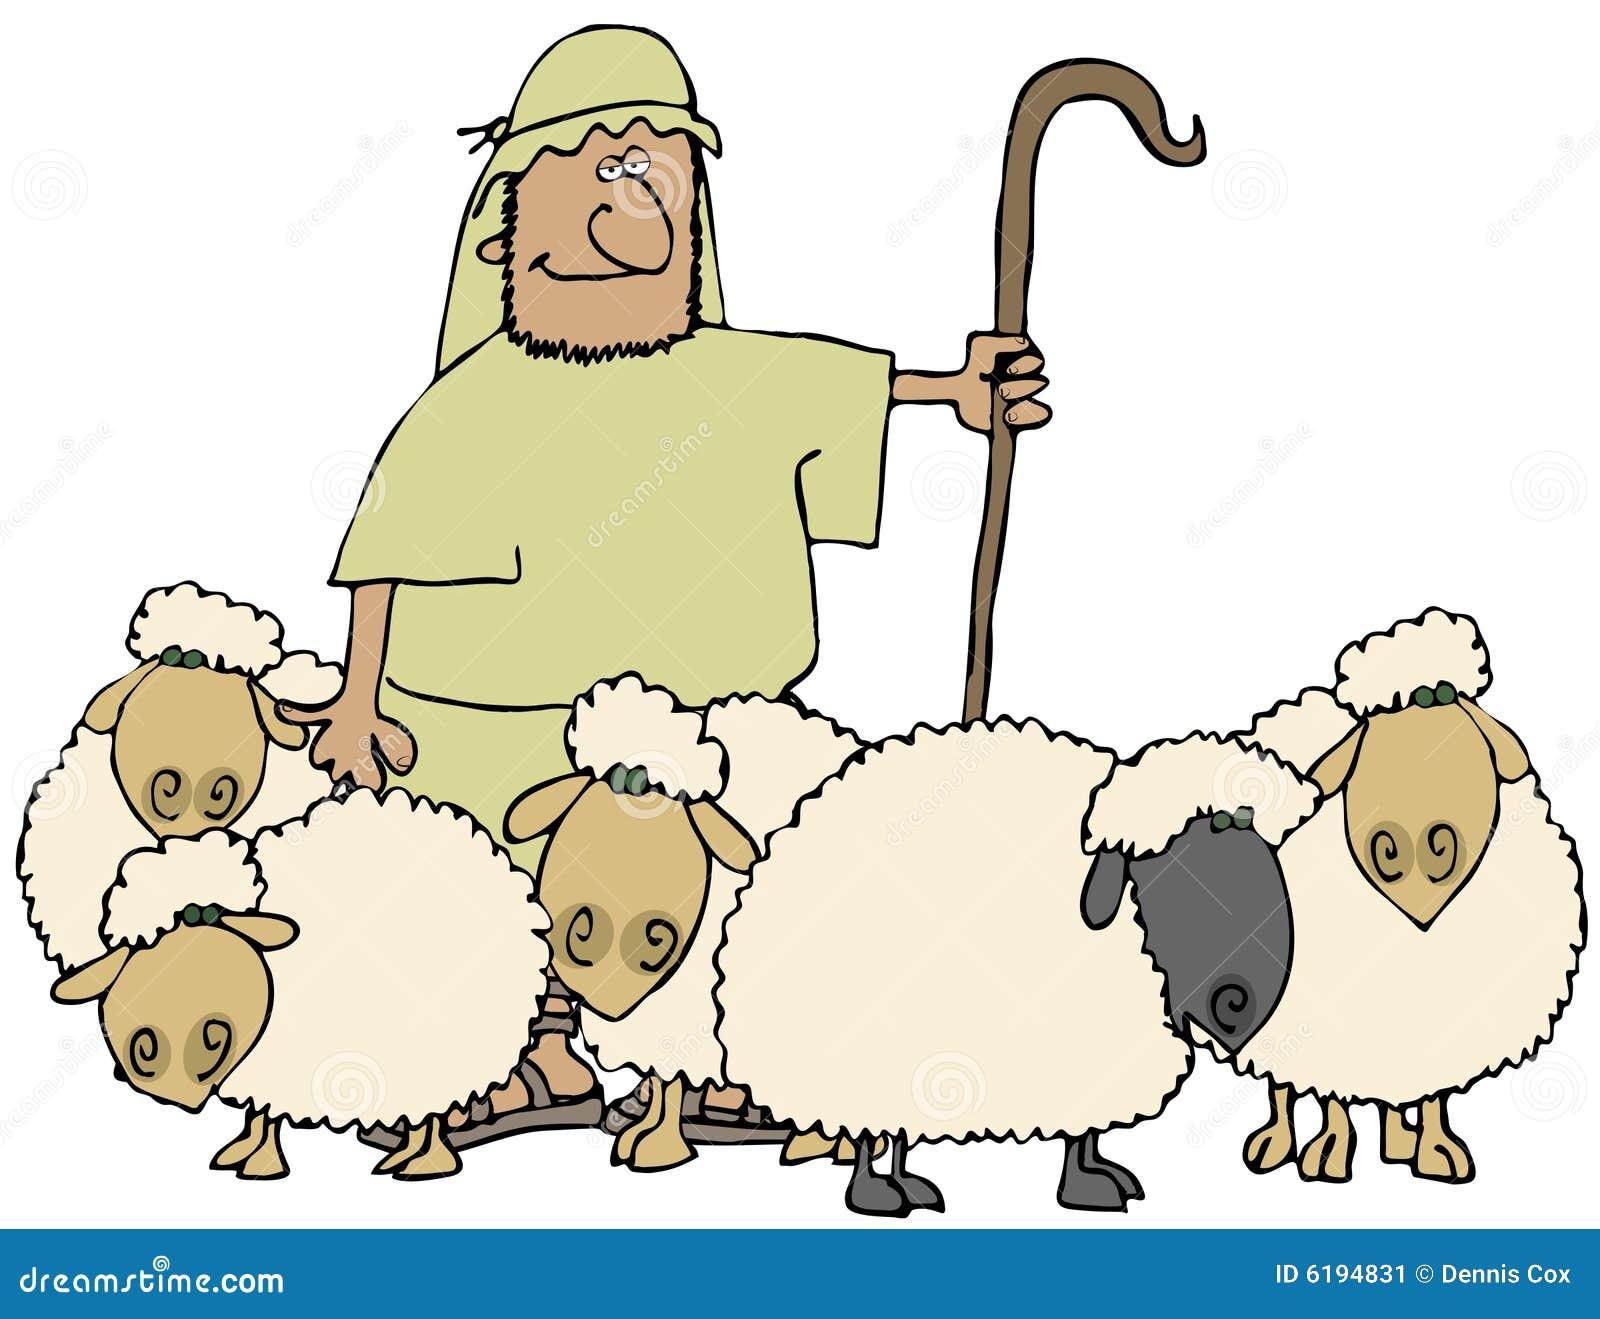 Pasterz owiec